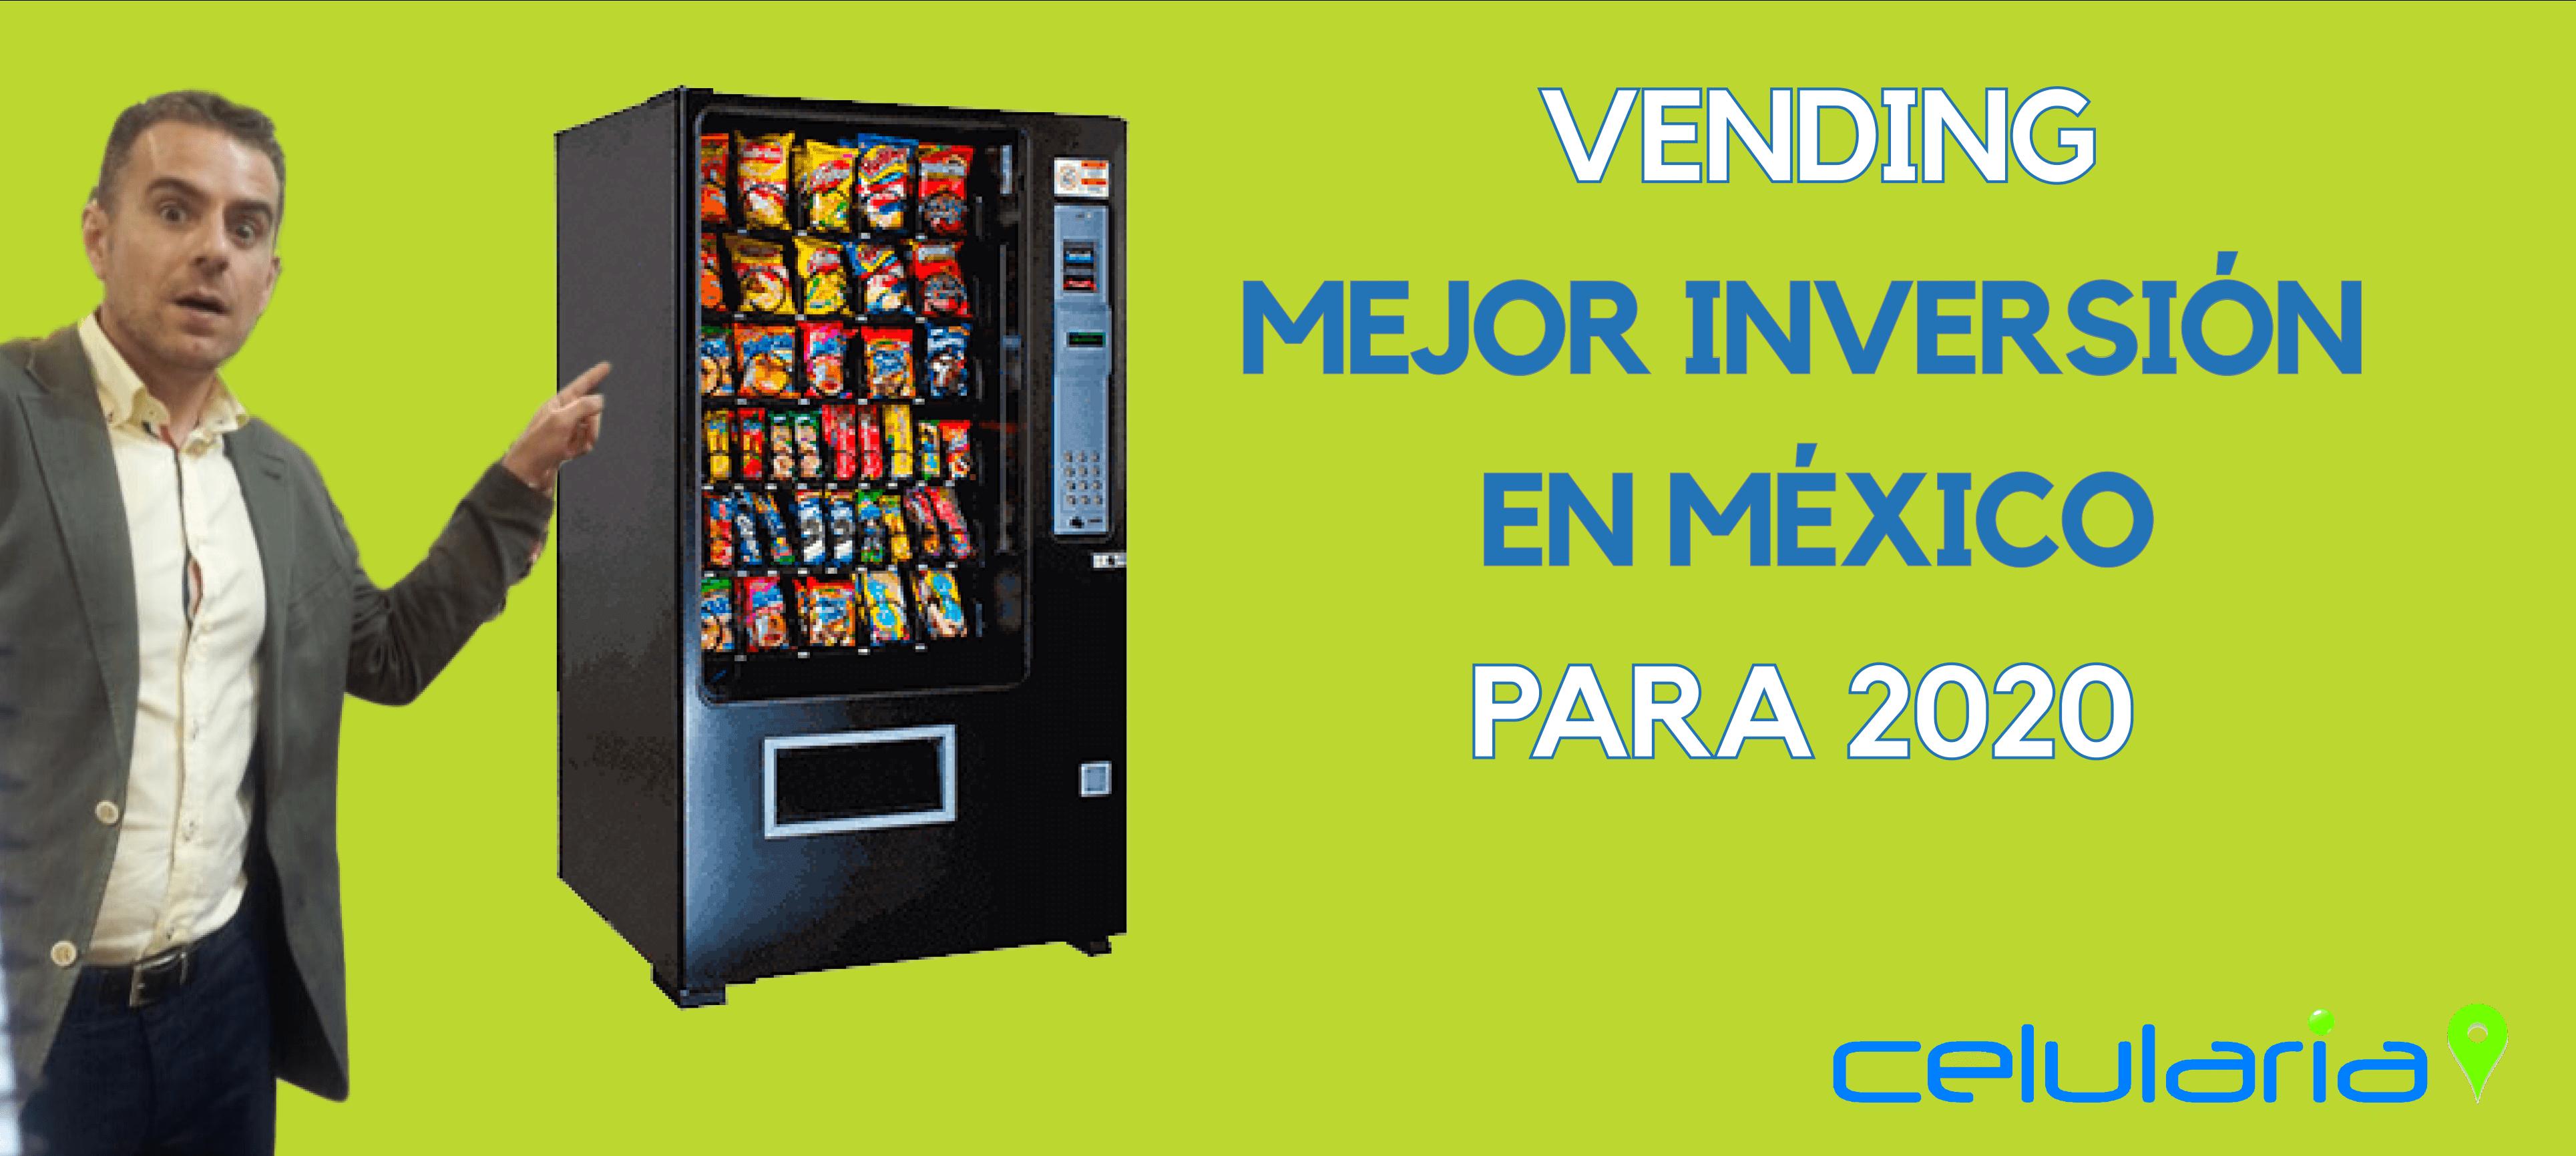 mejor inversión en mexico